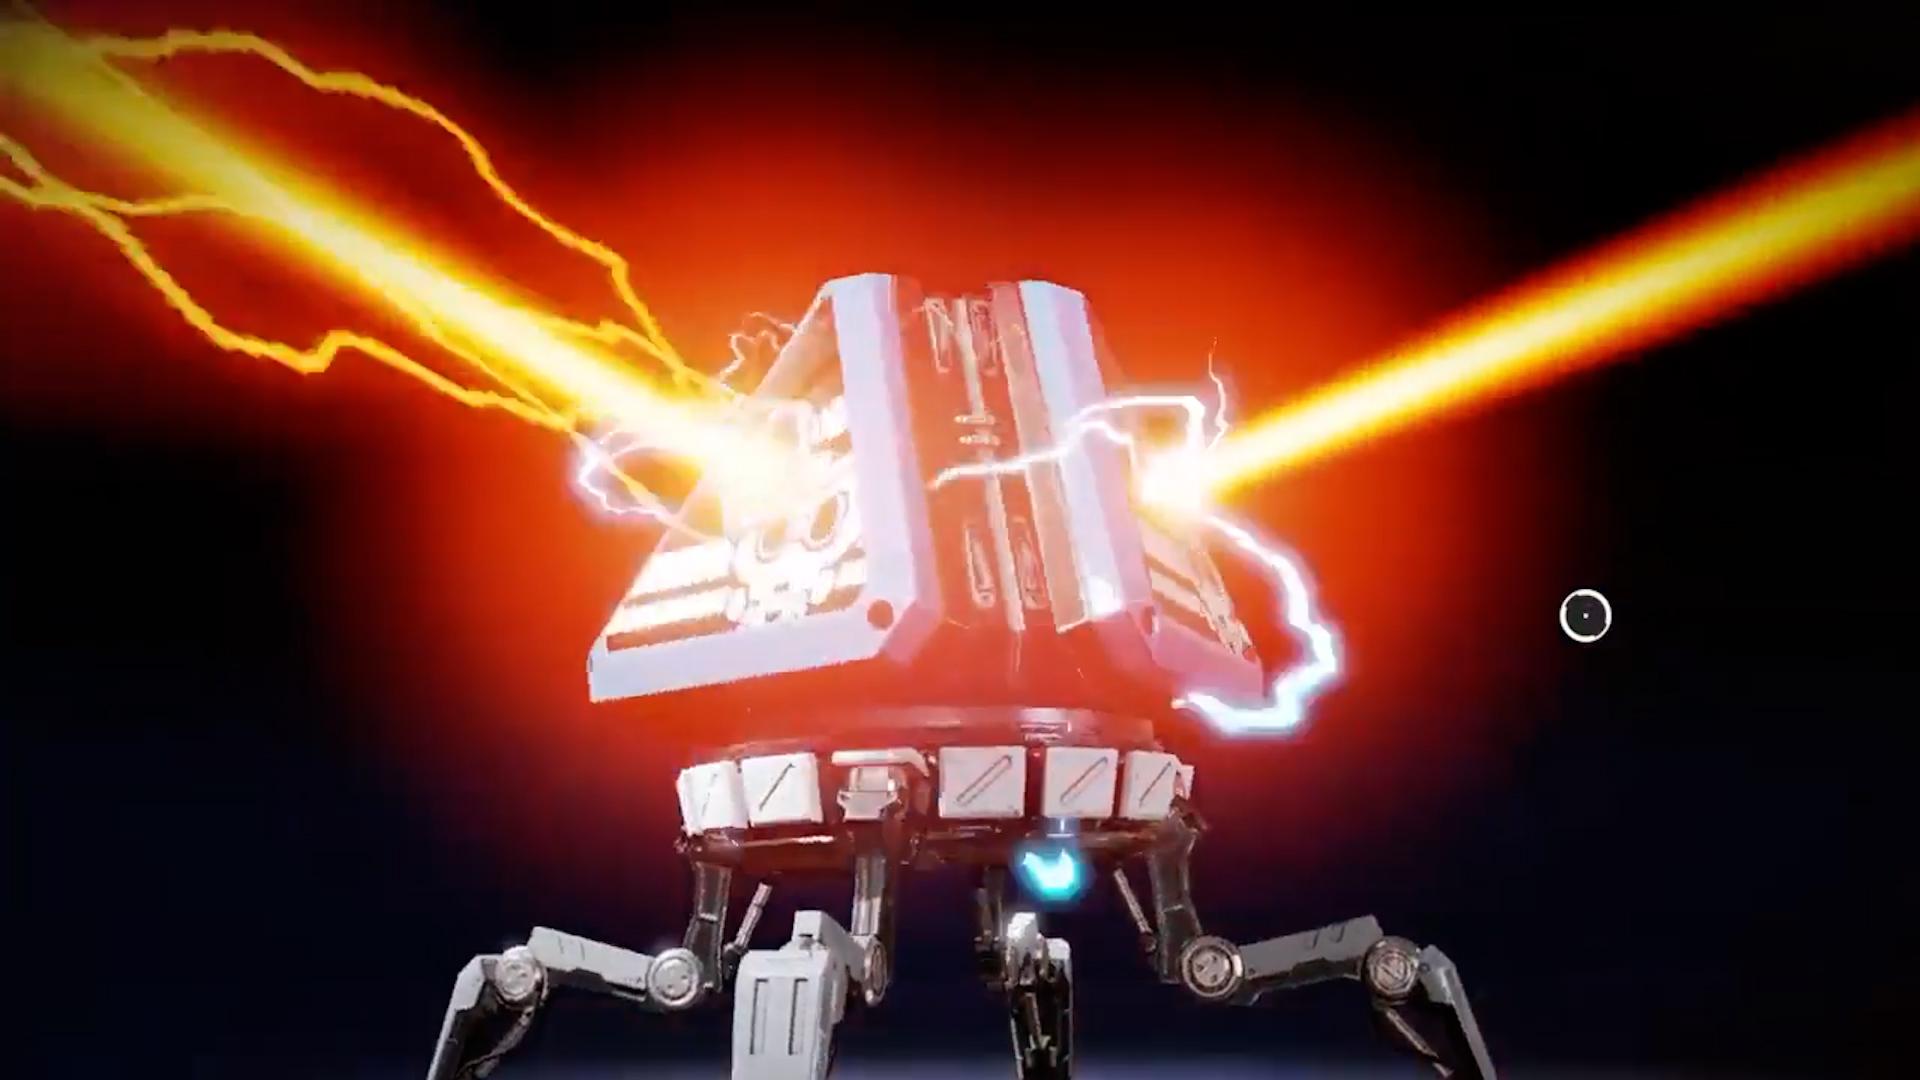 【APEX小ネタ】キャラクターパックからも「スーパーレジェンドシャード」は出現する